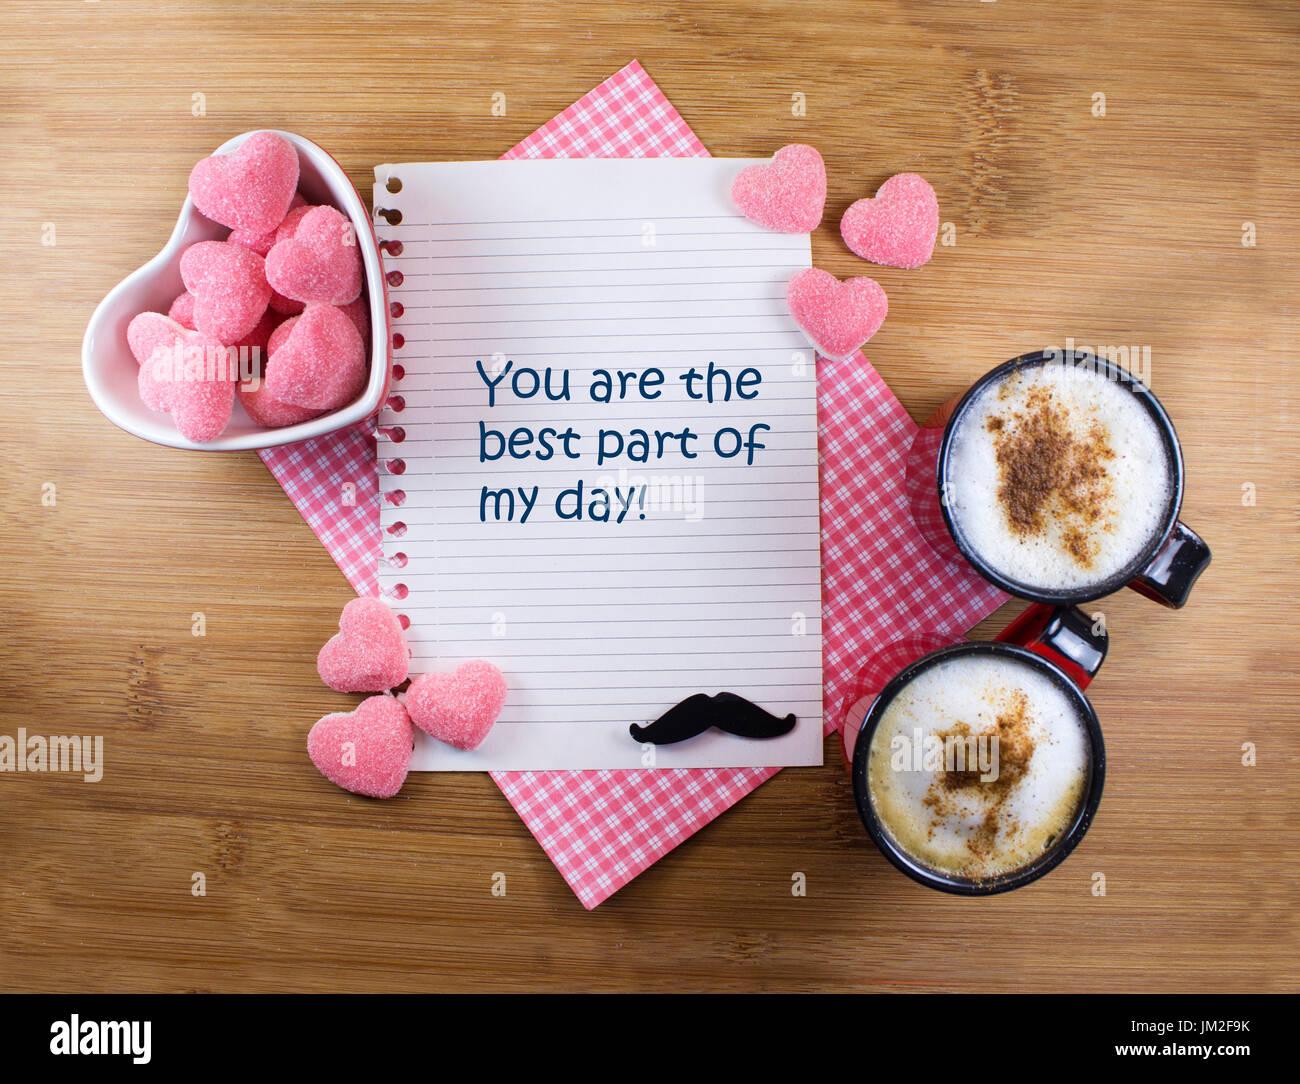 Niedlichen Romantischen Hintergrund Mit Guten Morgen